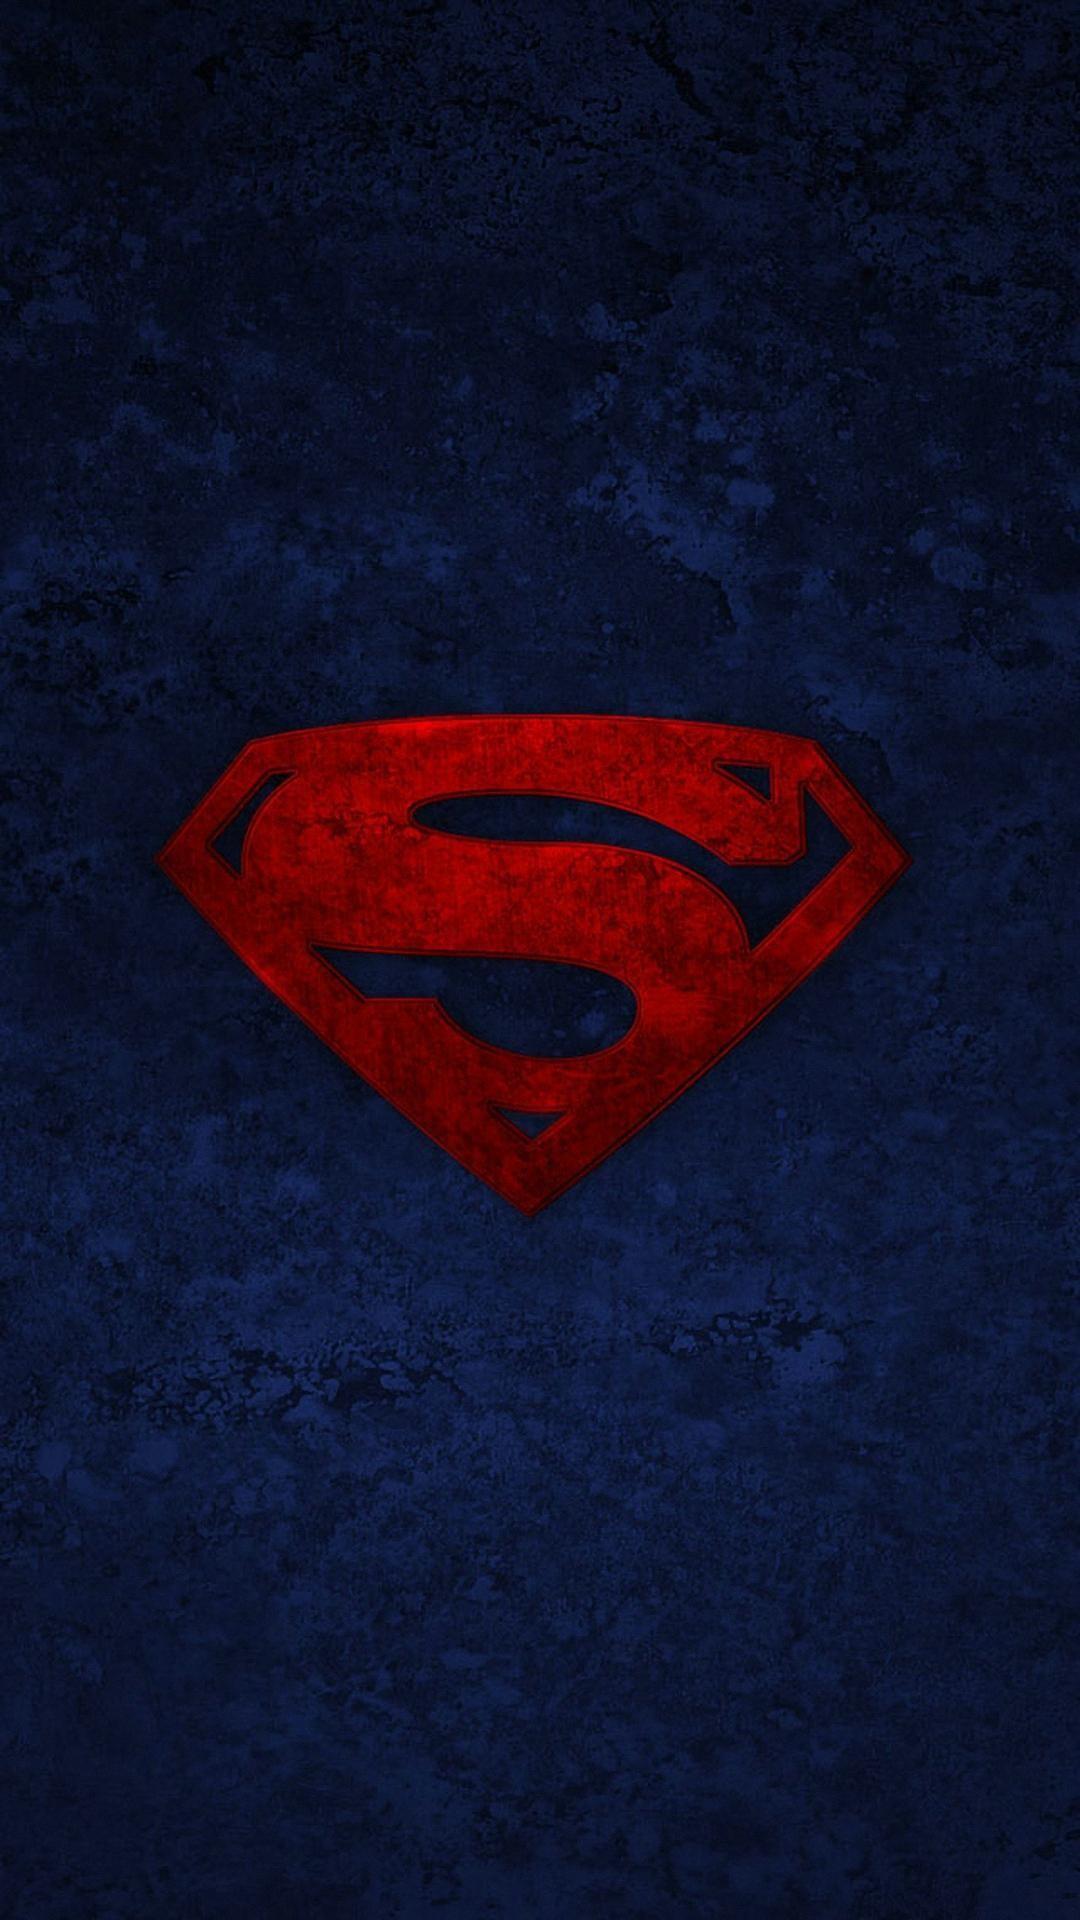 wallpaper.wiki-Superman-Logo-Marvel-Wallpaper-for-Iphone-